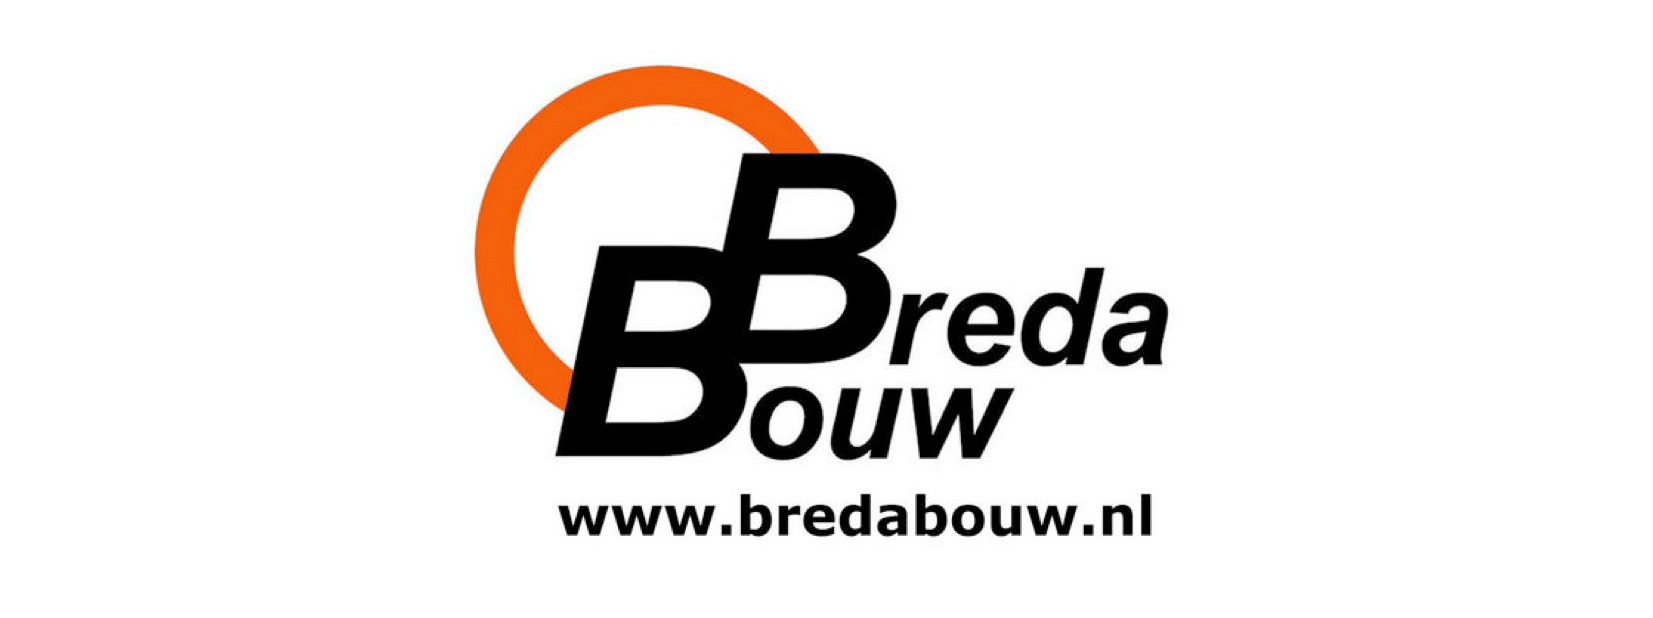 Breda Bouw